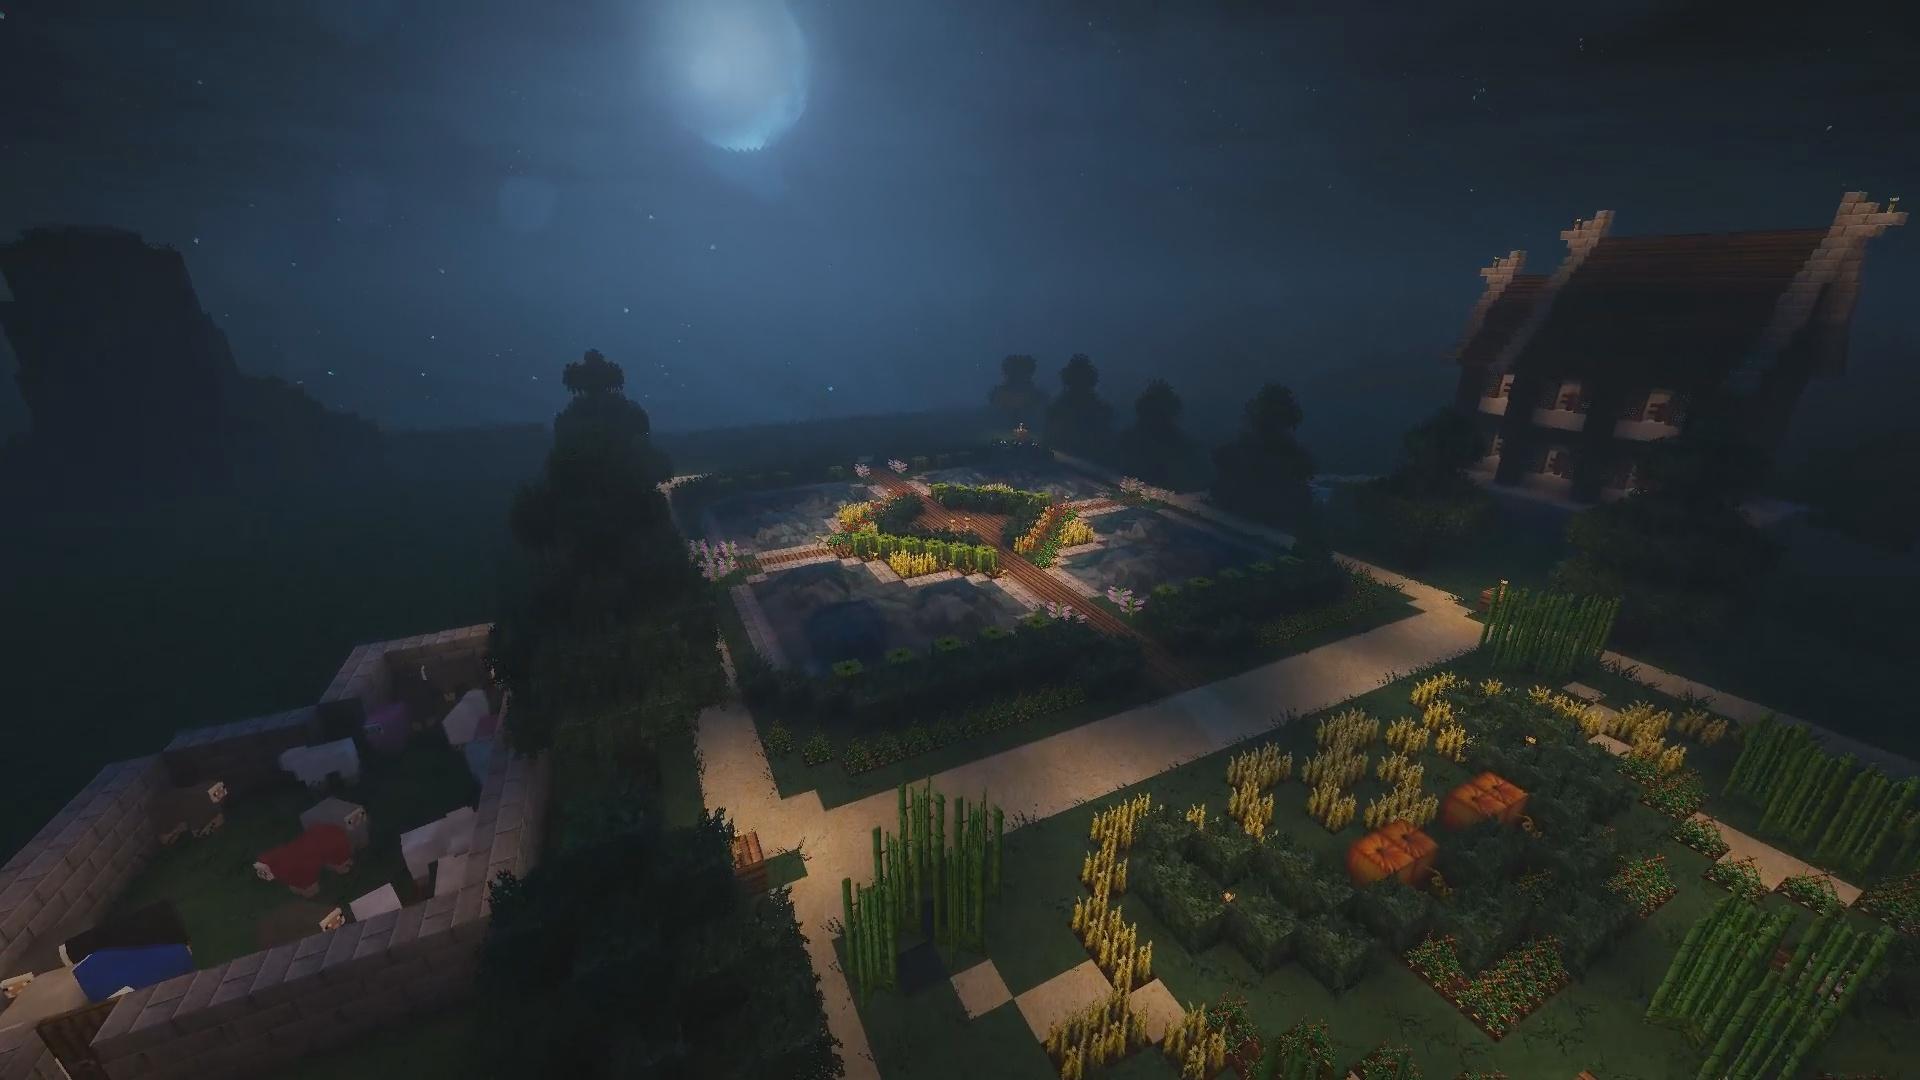 Jardin au claire de lune proposé par Spartan1023 et Scalpetro !